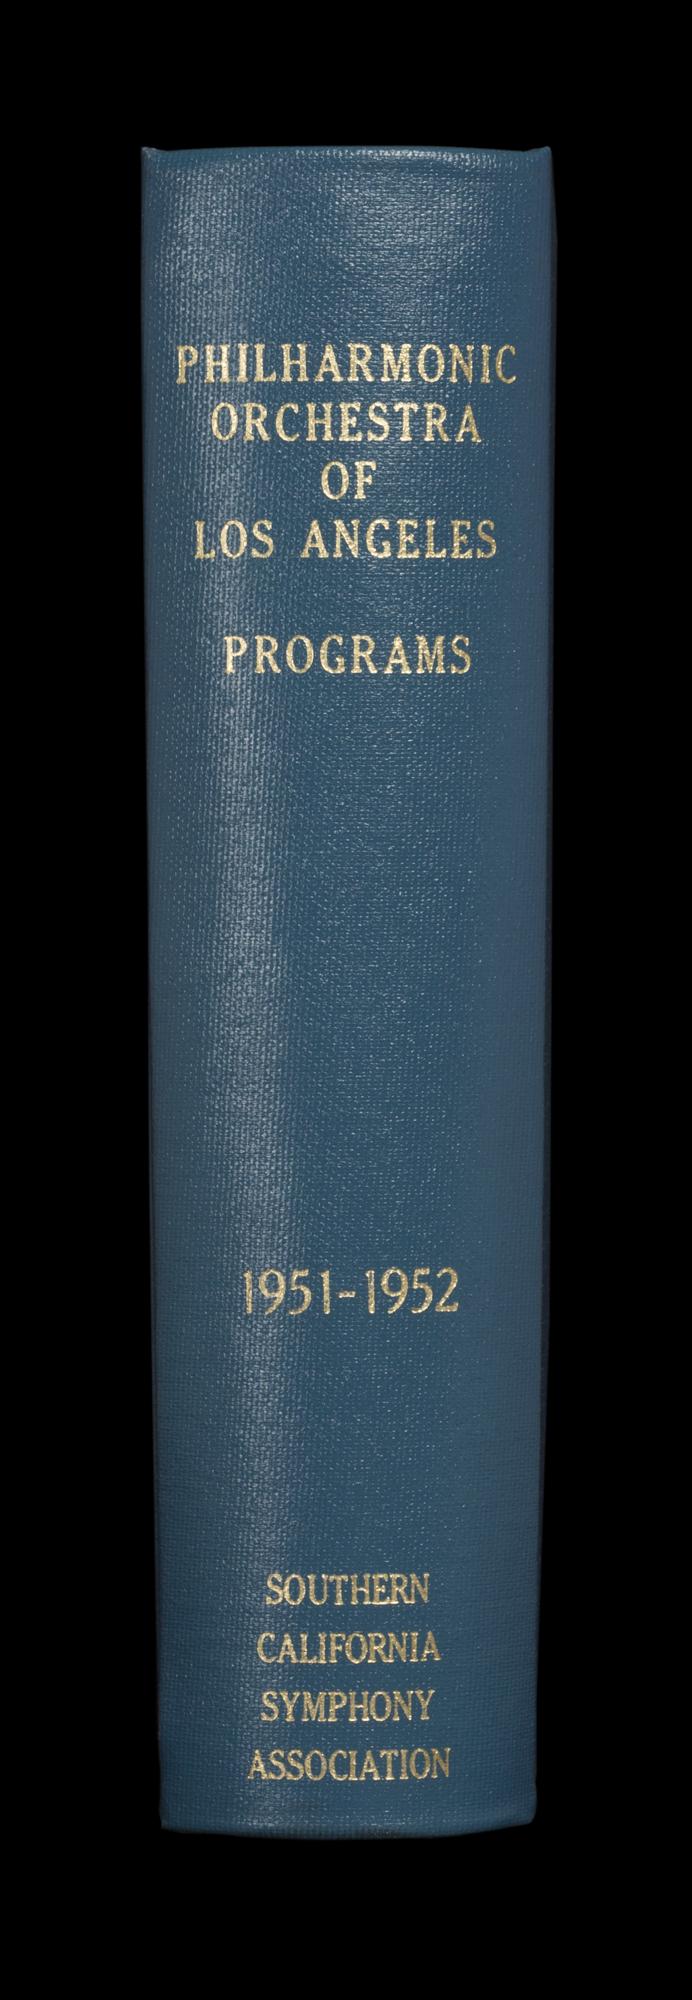 LAPO_ProgramBook_Spine_1951-1952.jpg